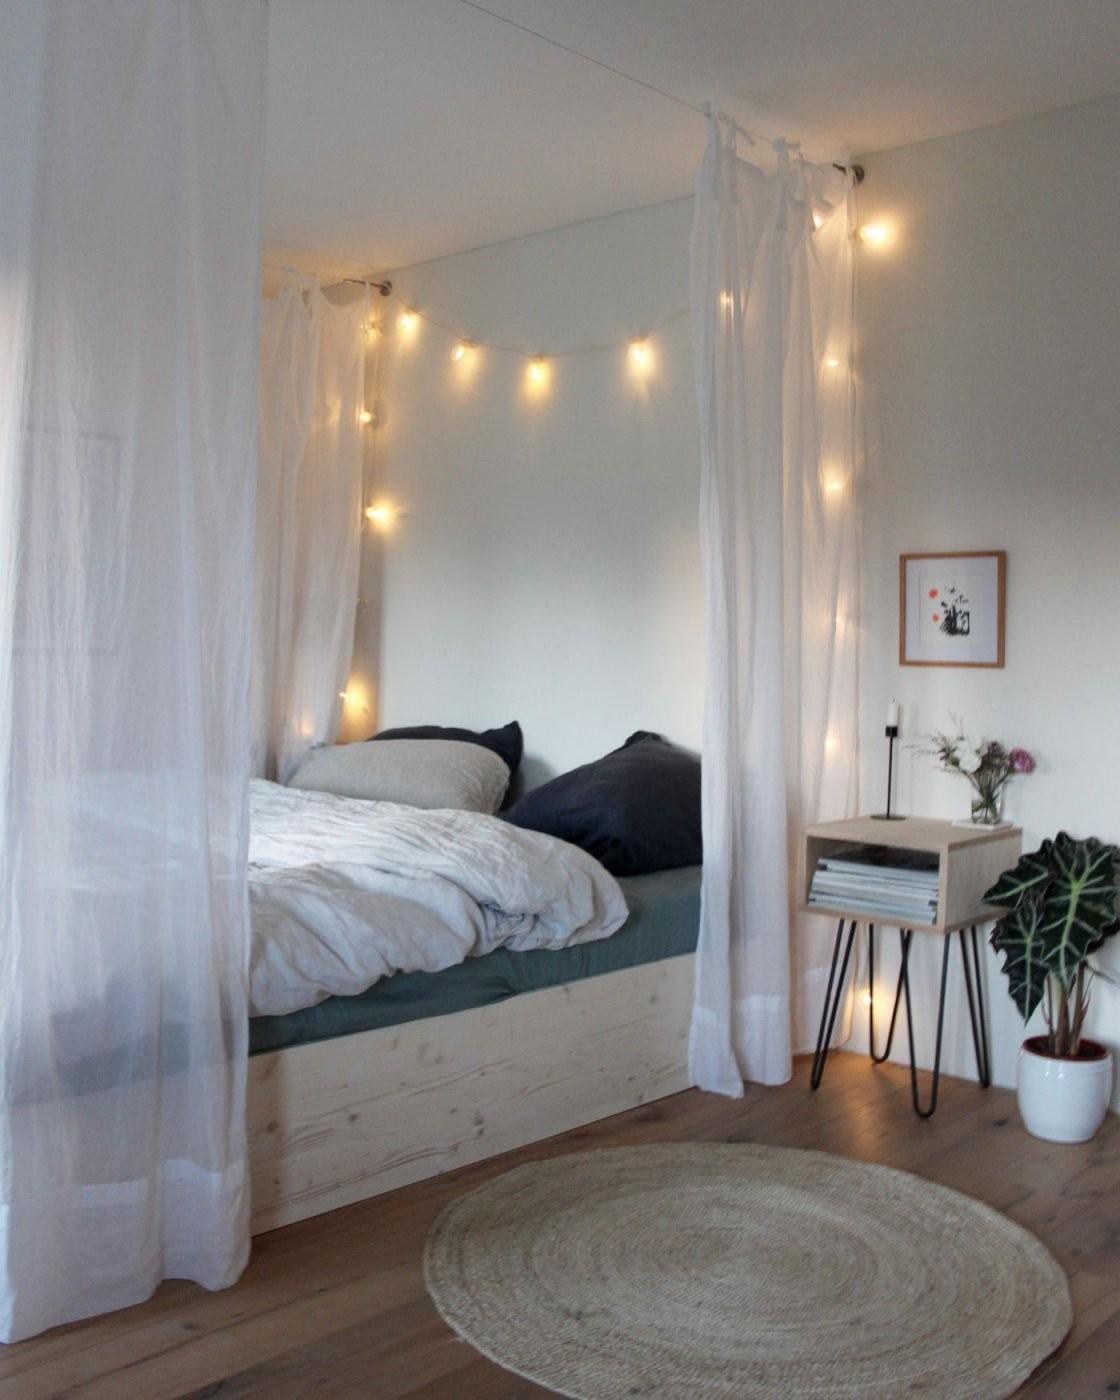 Betten Selber Bauen Die Besten Ideen Und Tipps von Coole Betten Selber Bauen Bild